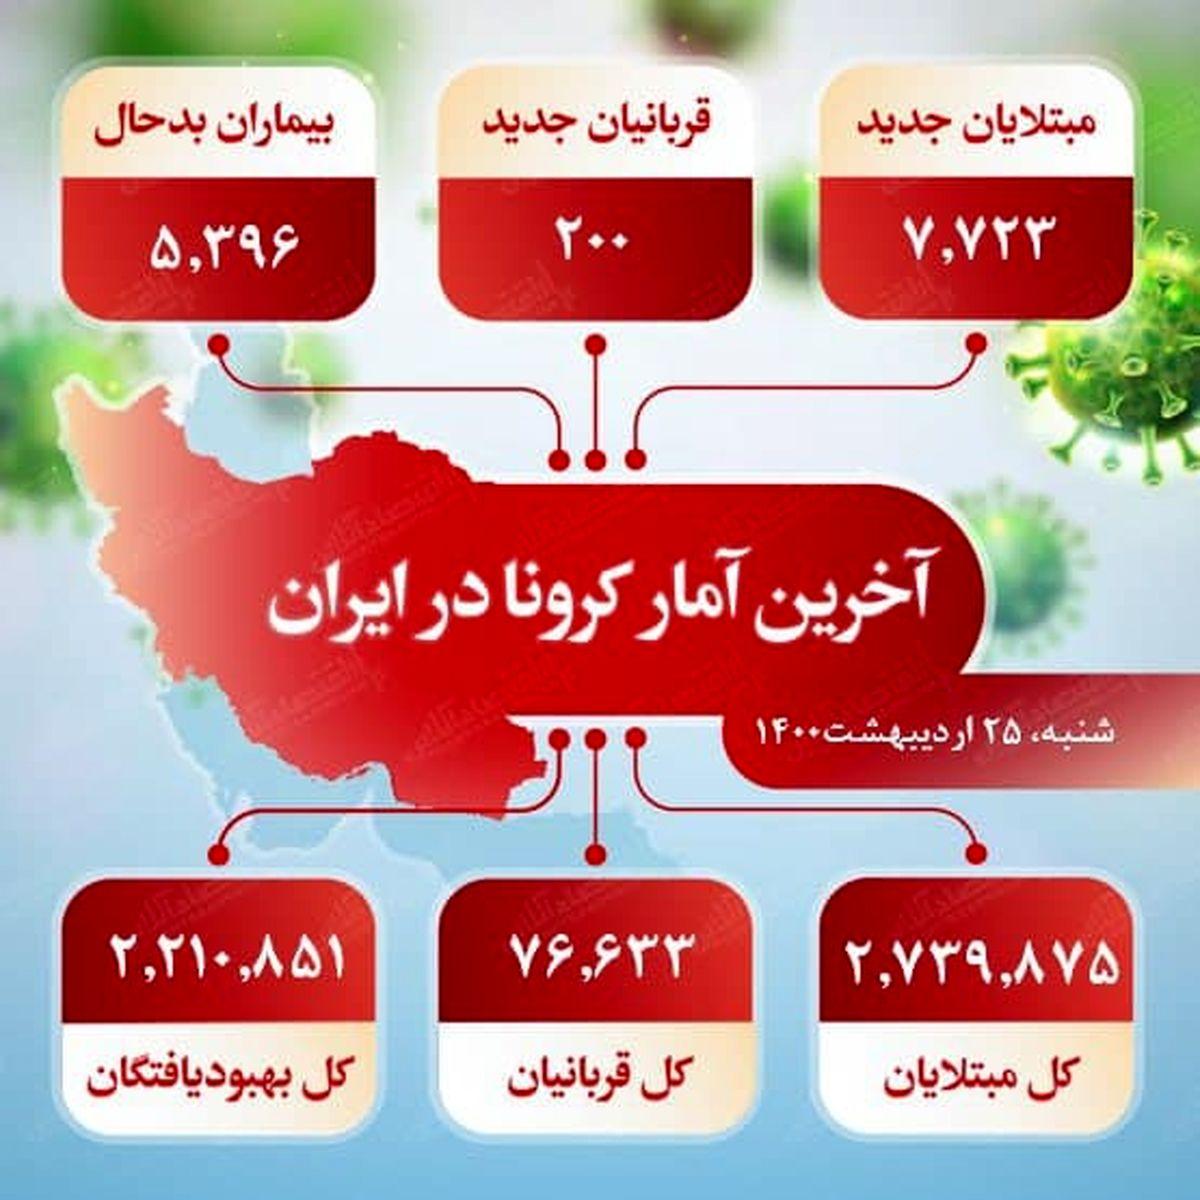 آخرین آمار کرونا در ایران (۱۴۰۰/۲/۲۵)